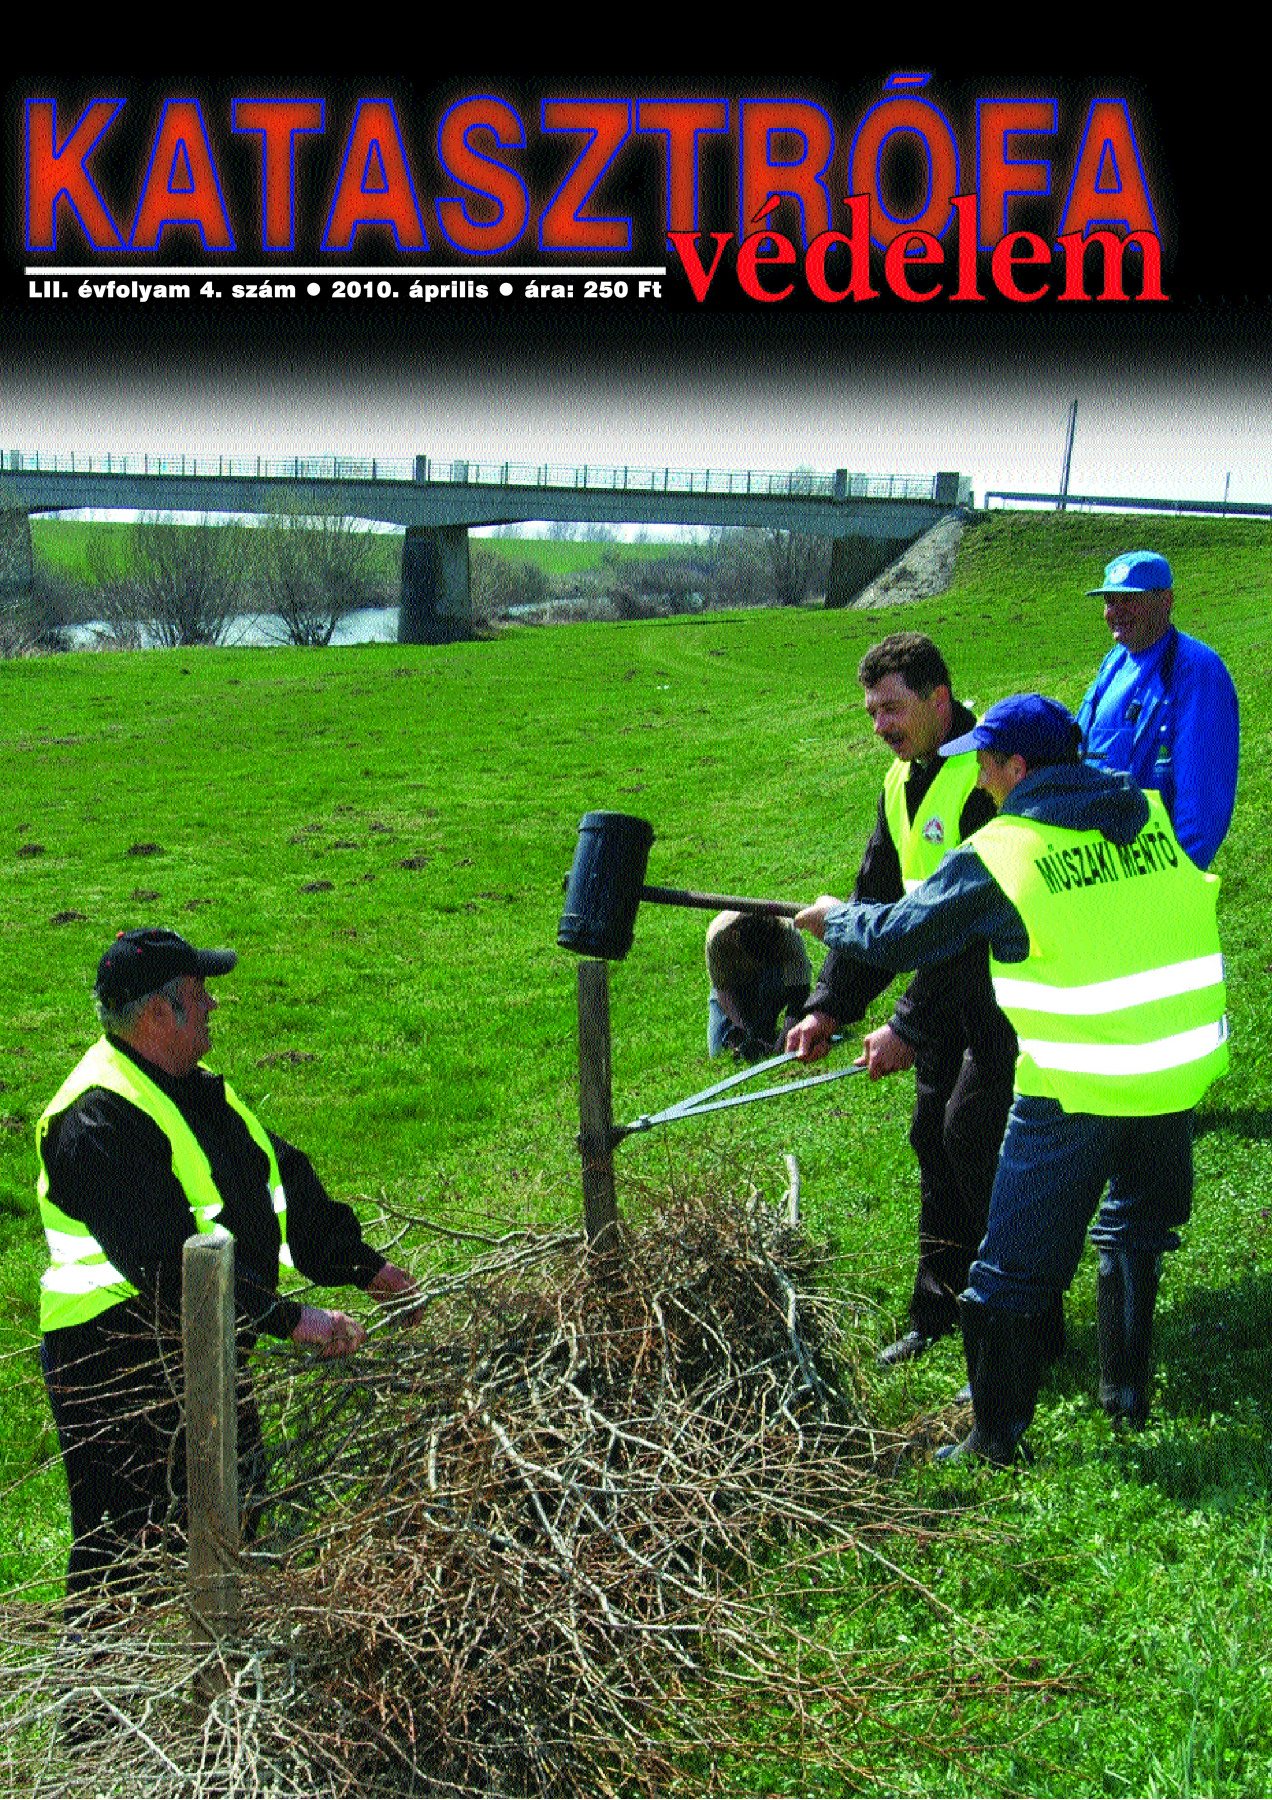 A Katasztrófavédelem magazin LII. évfolyam 4. szám megtekintése